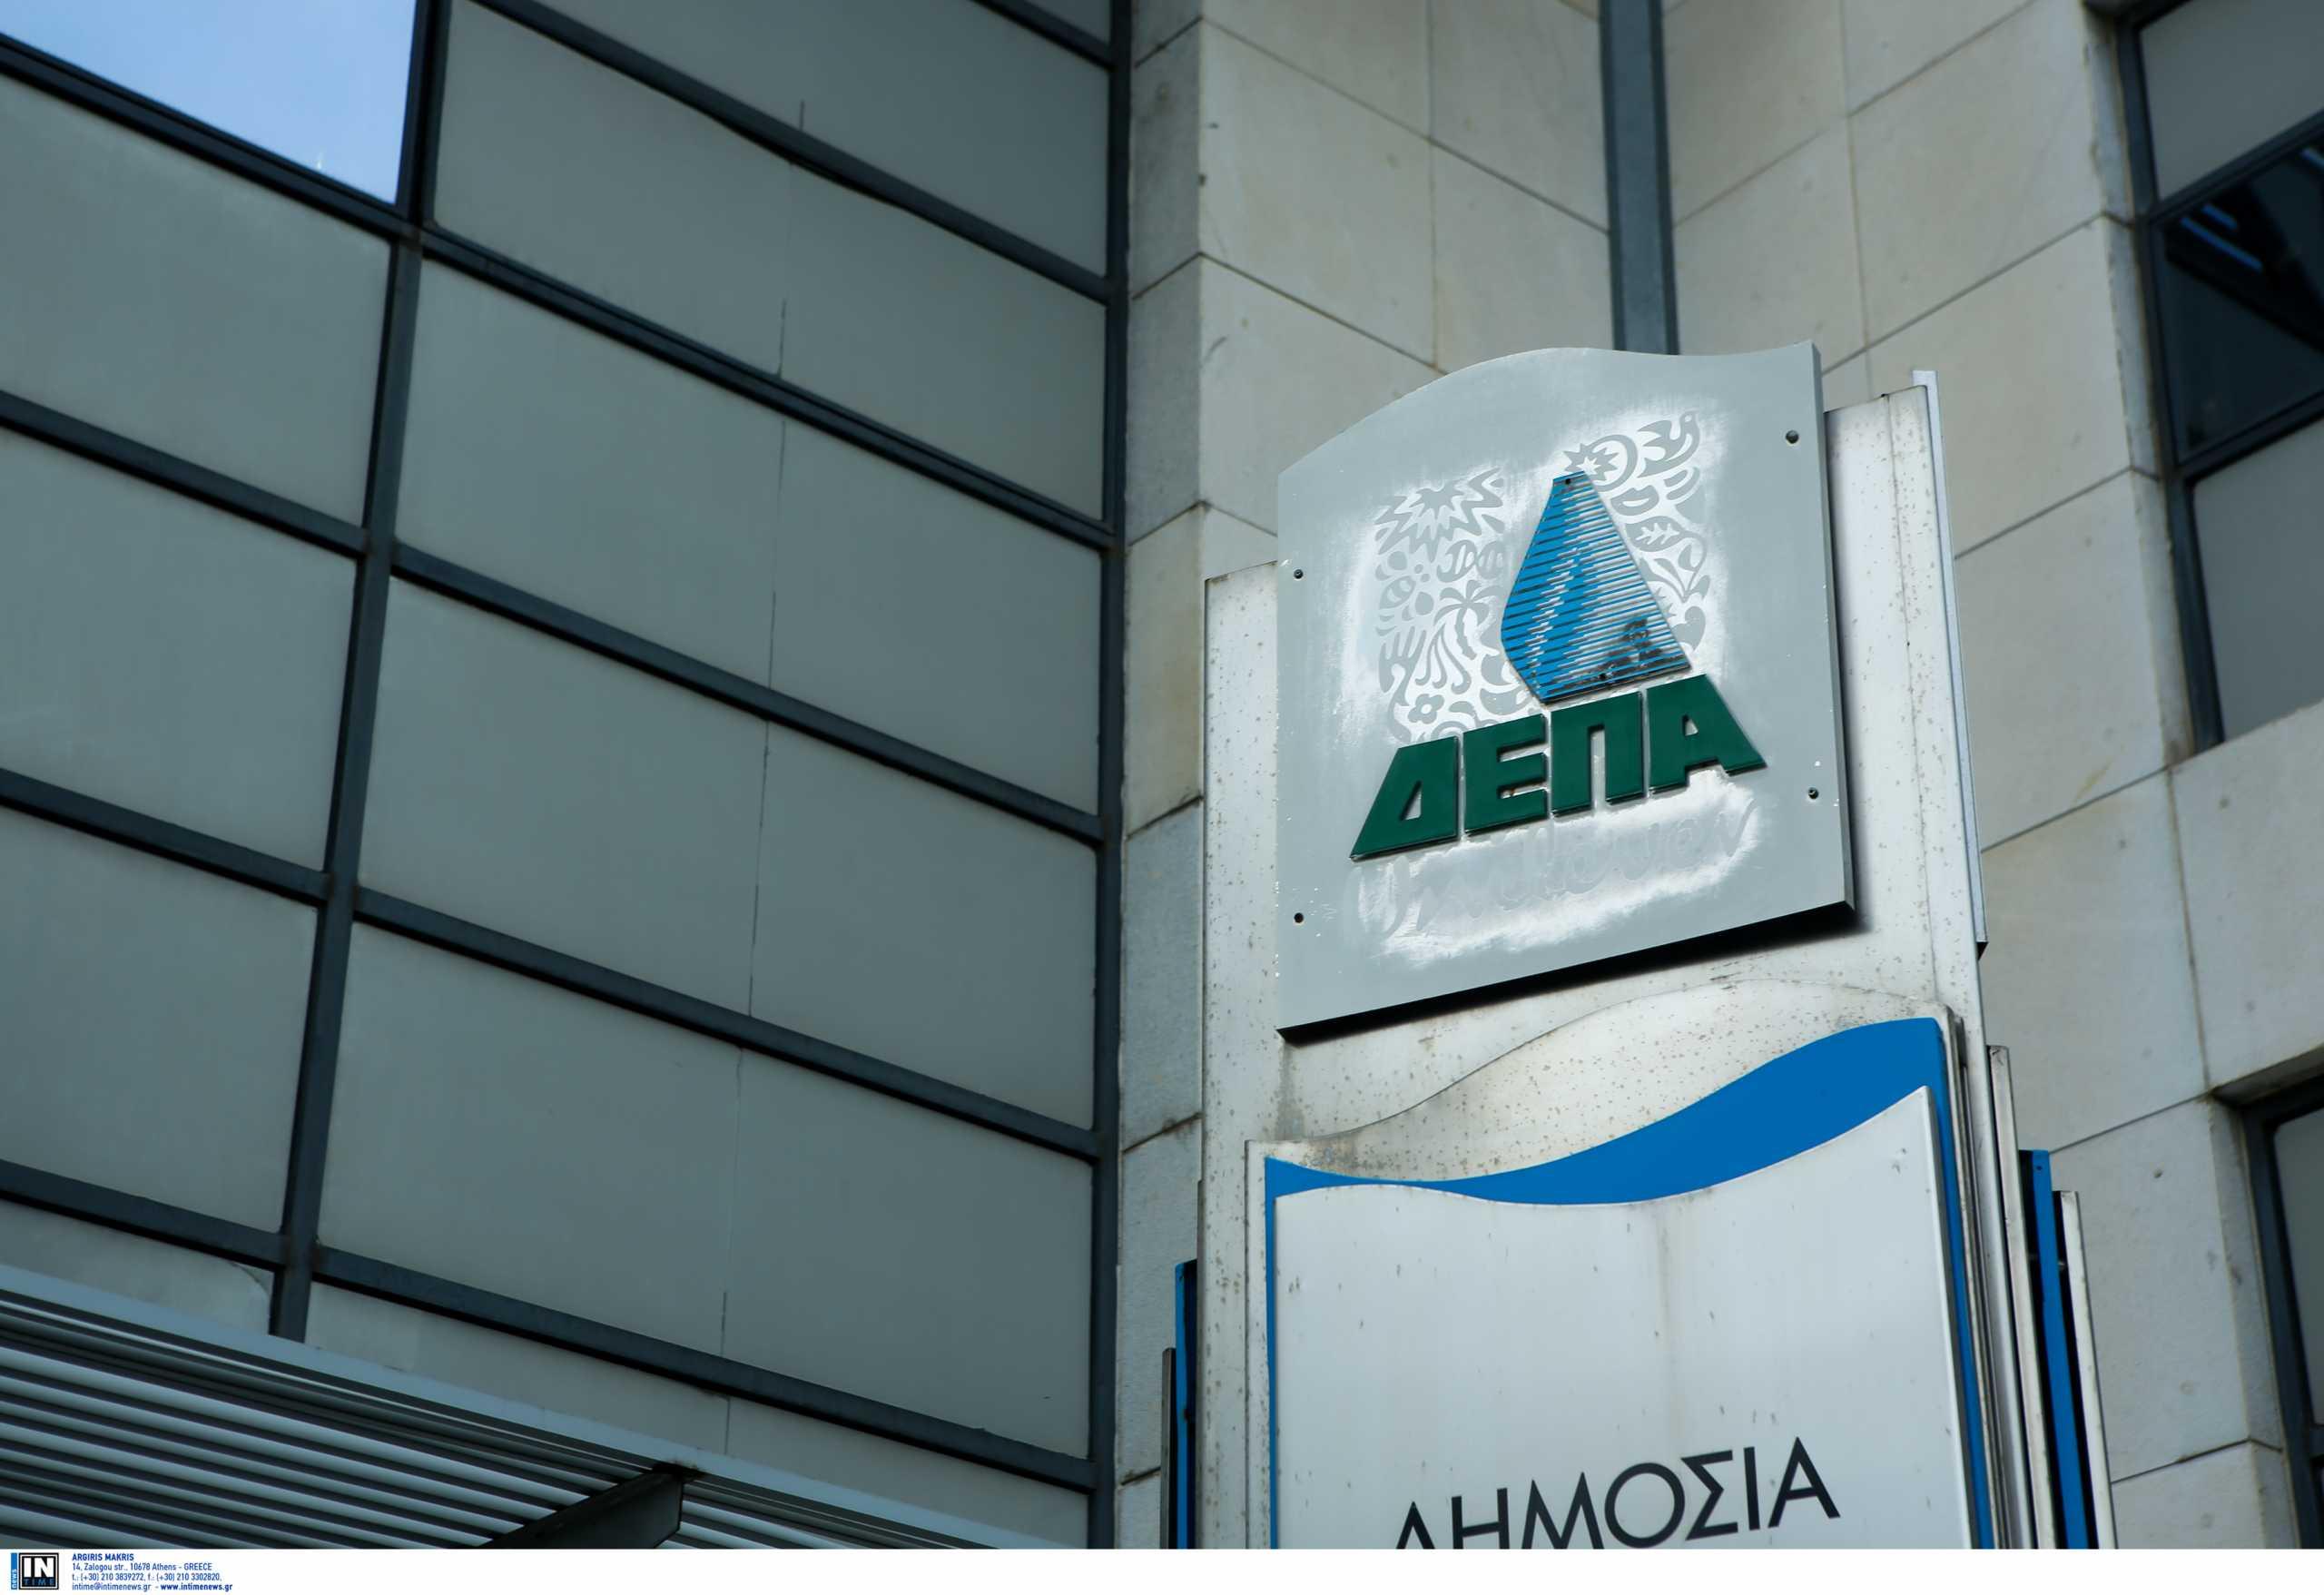 ΔΕΠΑ:Ξεκινά η διαδικασία αξιολόγησης δεσμευτικών προσφορών